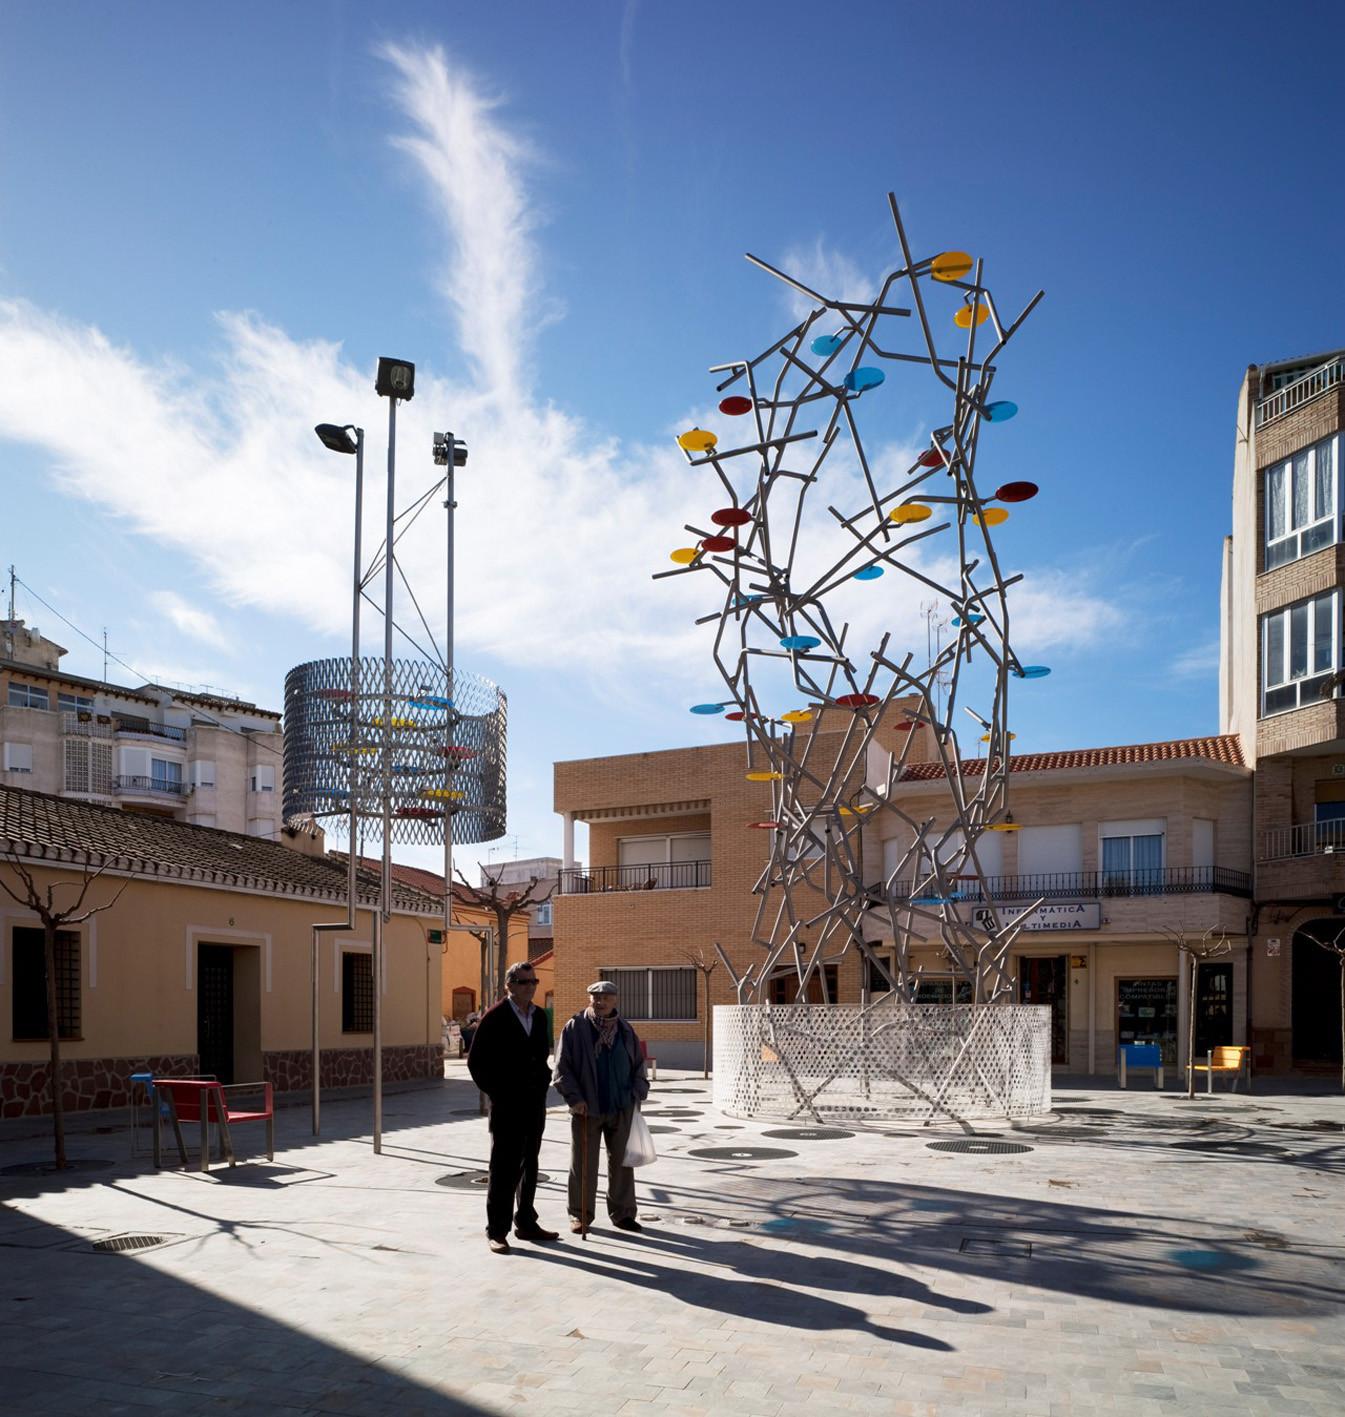 Pilar de la Horadada Promenade / Joaquín Alvado Bañón, © David Frutos